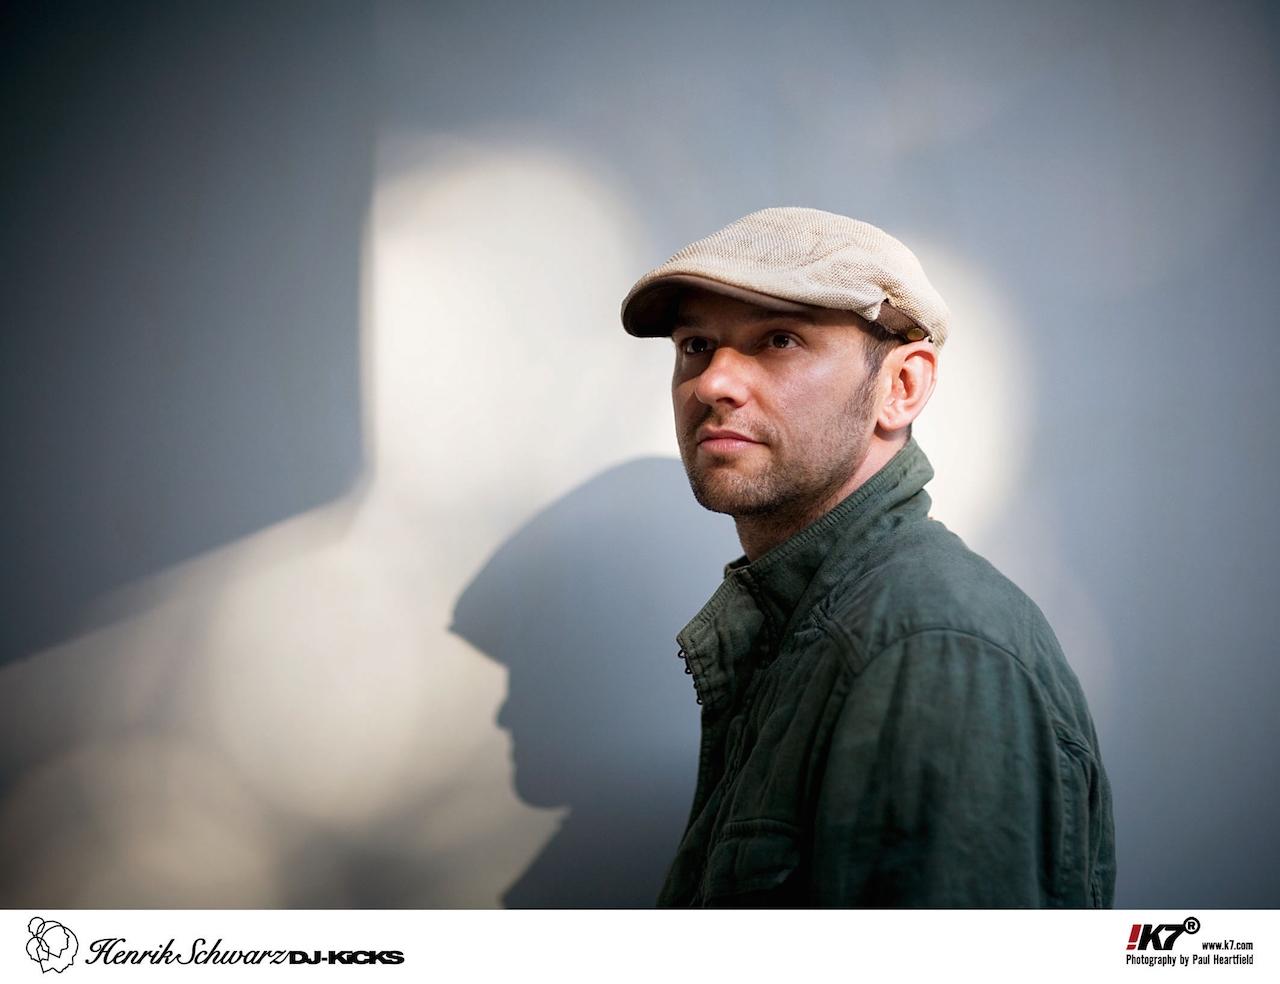 Henrik Schwarz, K7, DJ